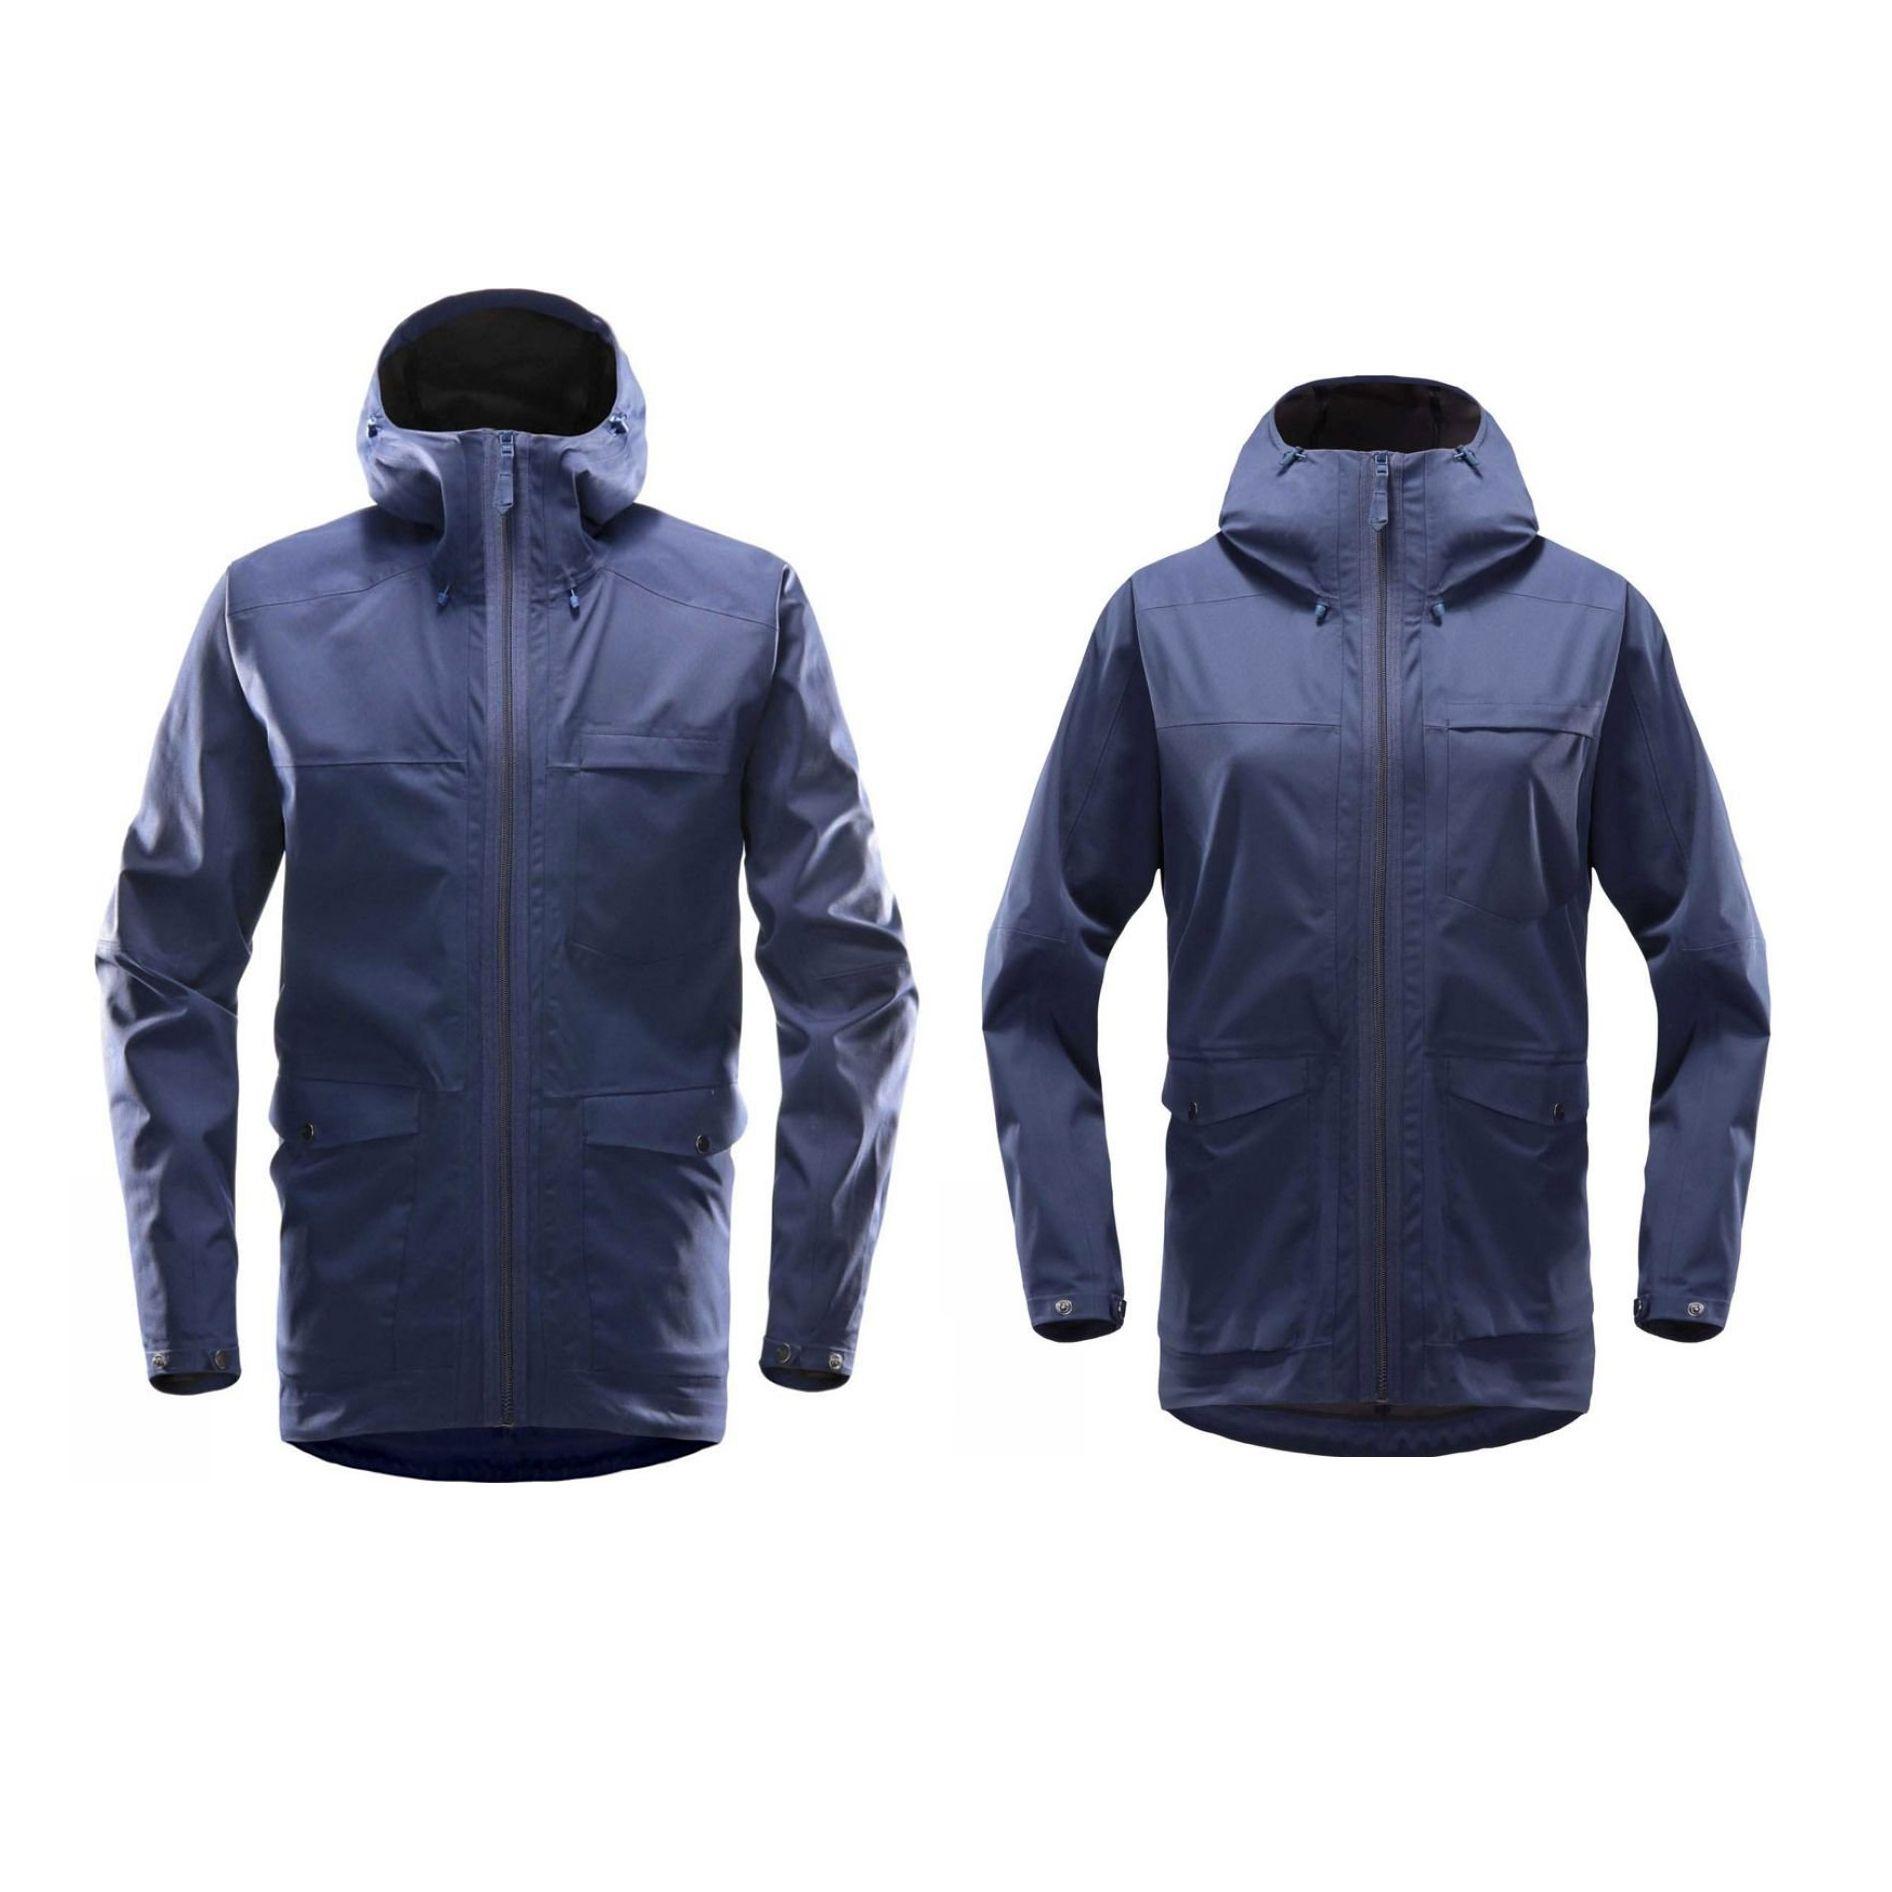 Eco jacket